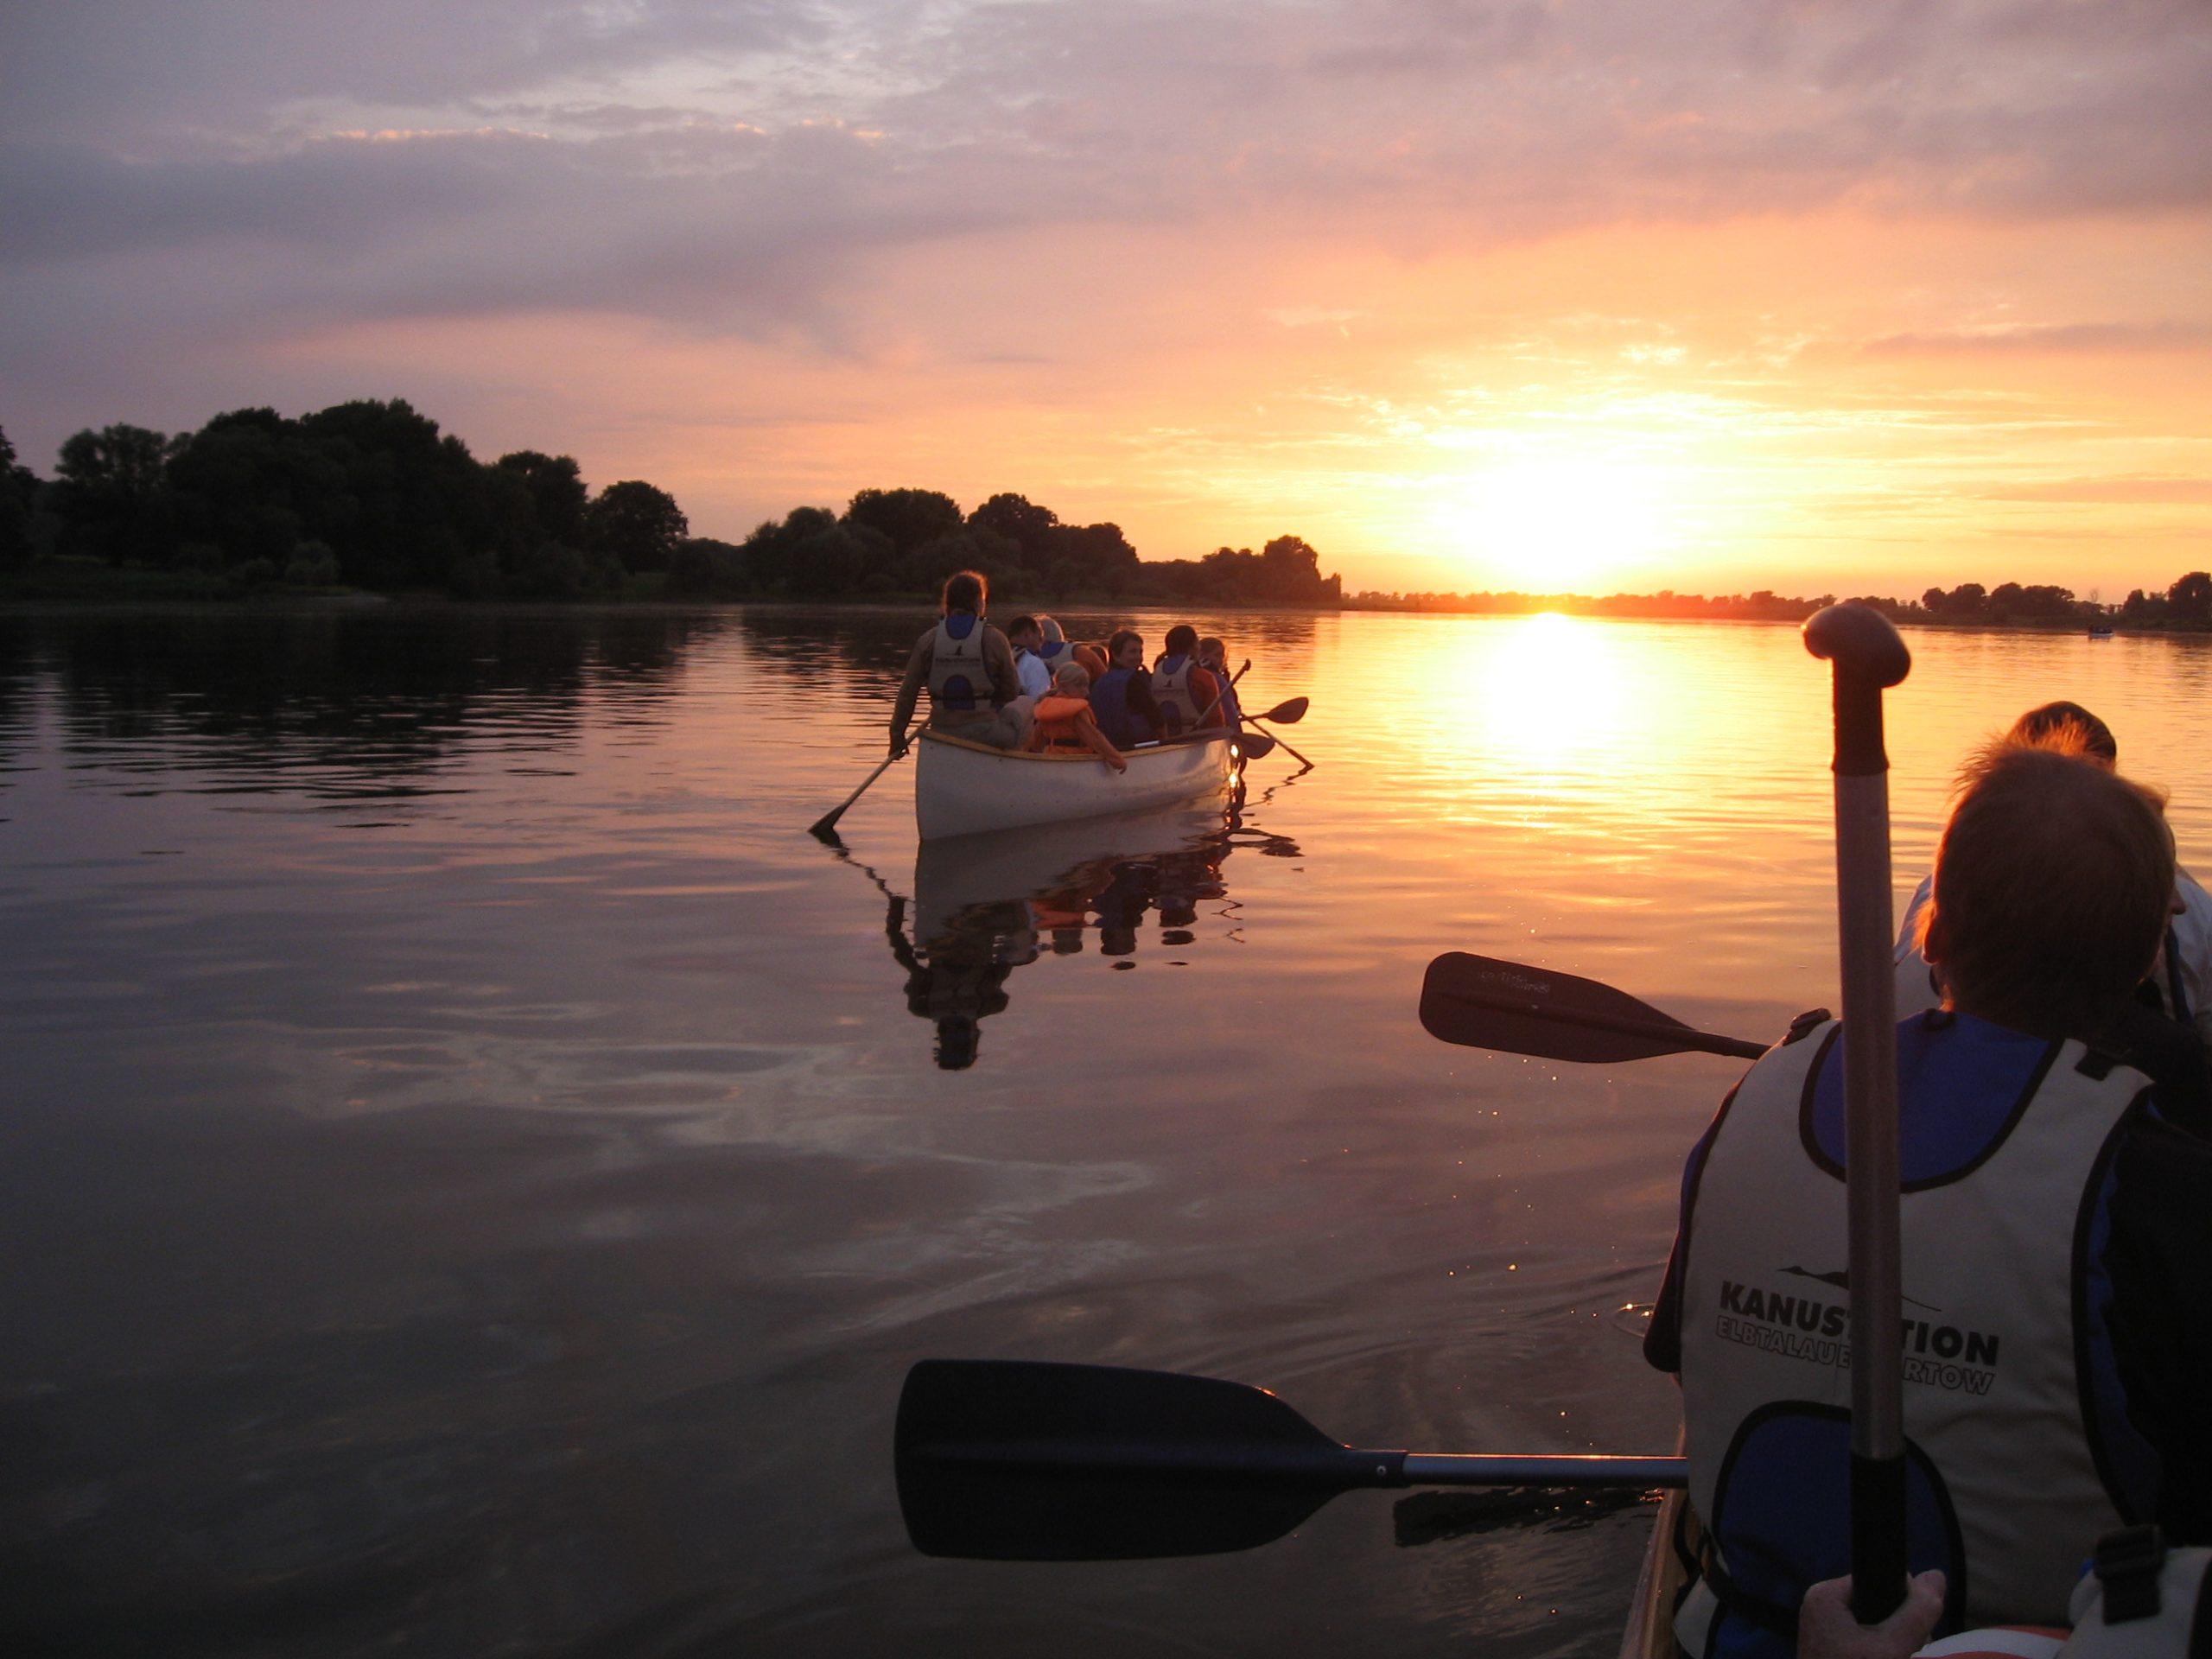 Im Kanadier auf der Elbe in den Sonnenuntergang fahren